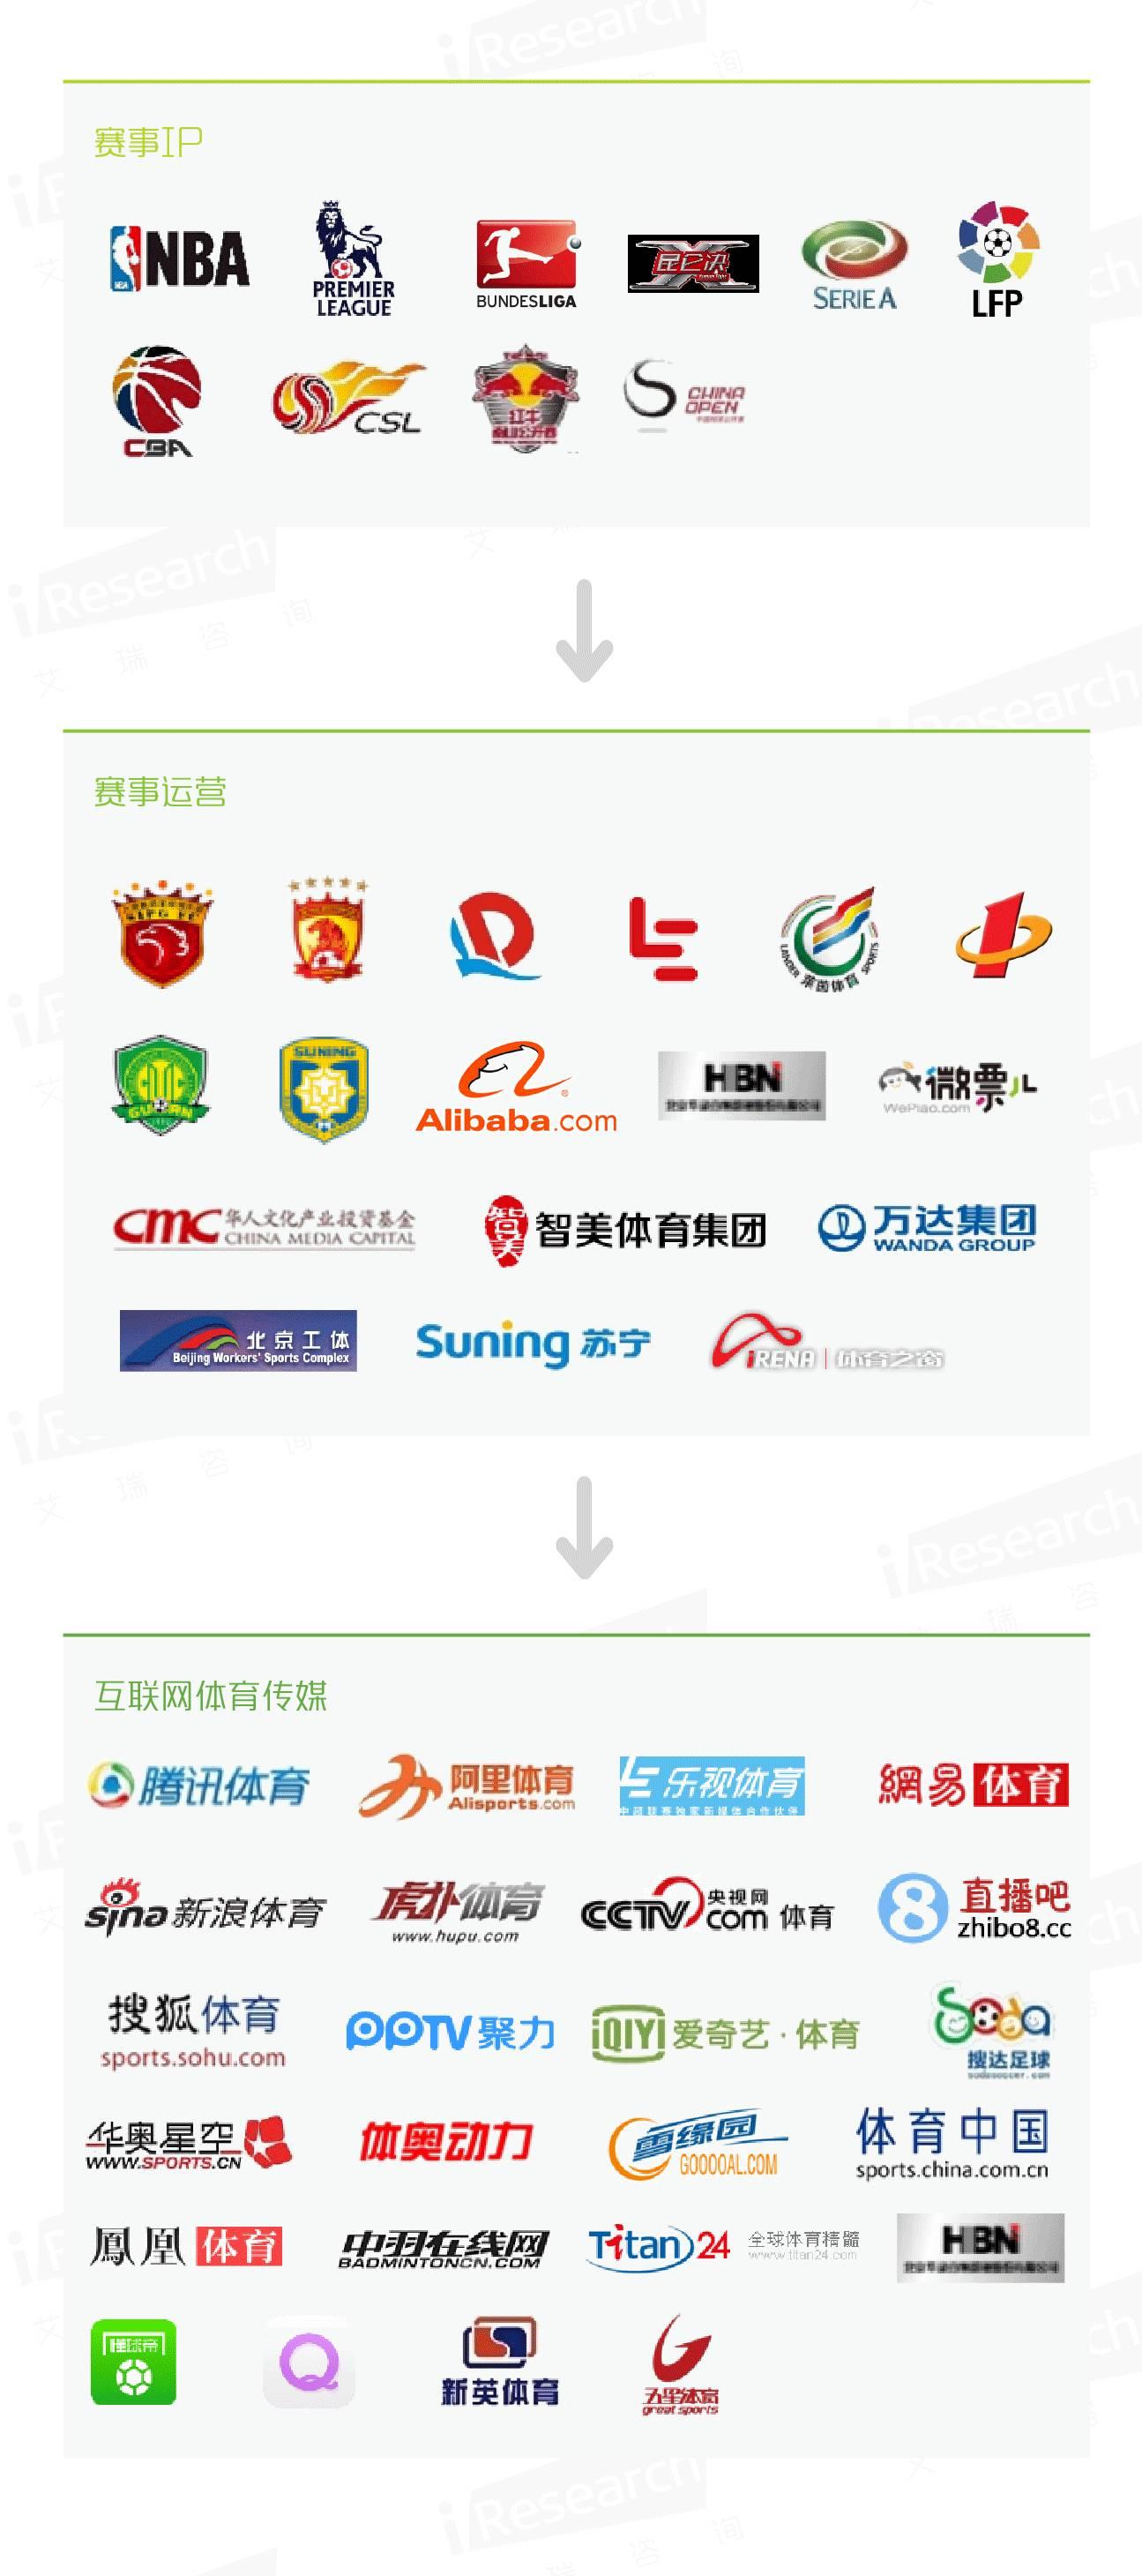 一图读懂互联网体育产业链